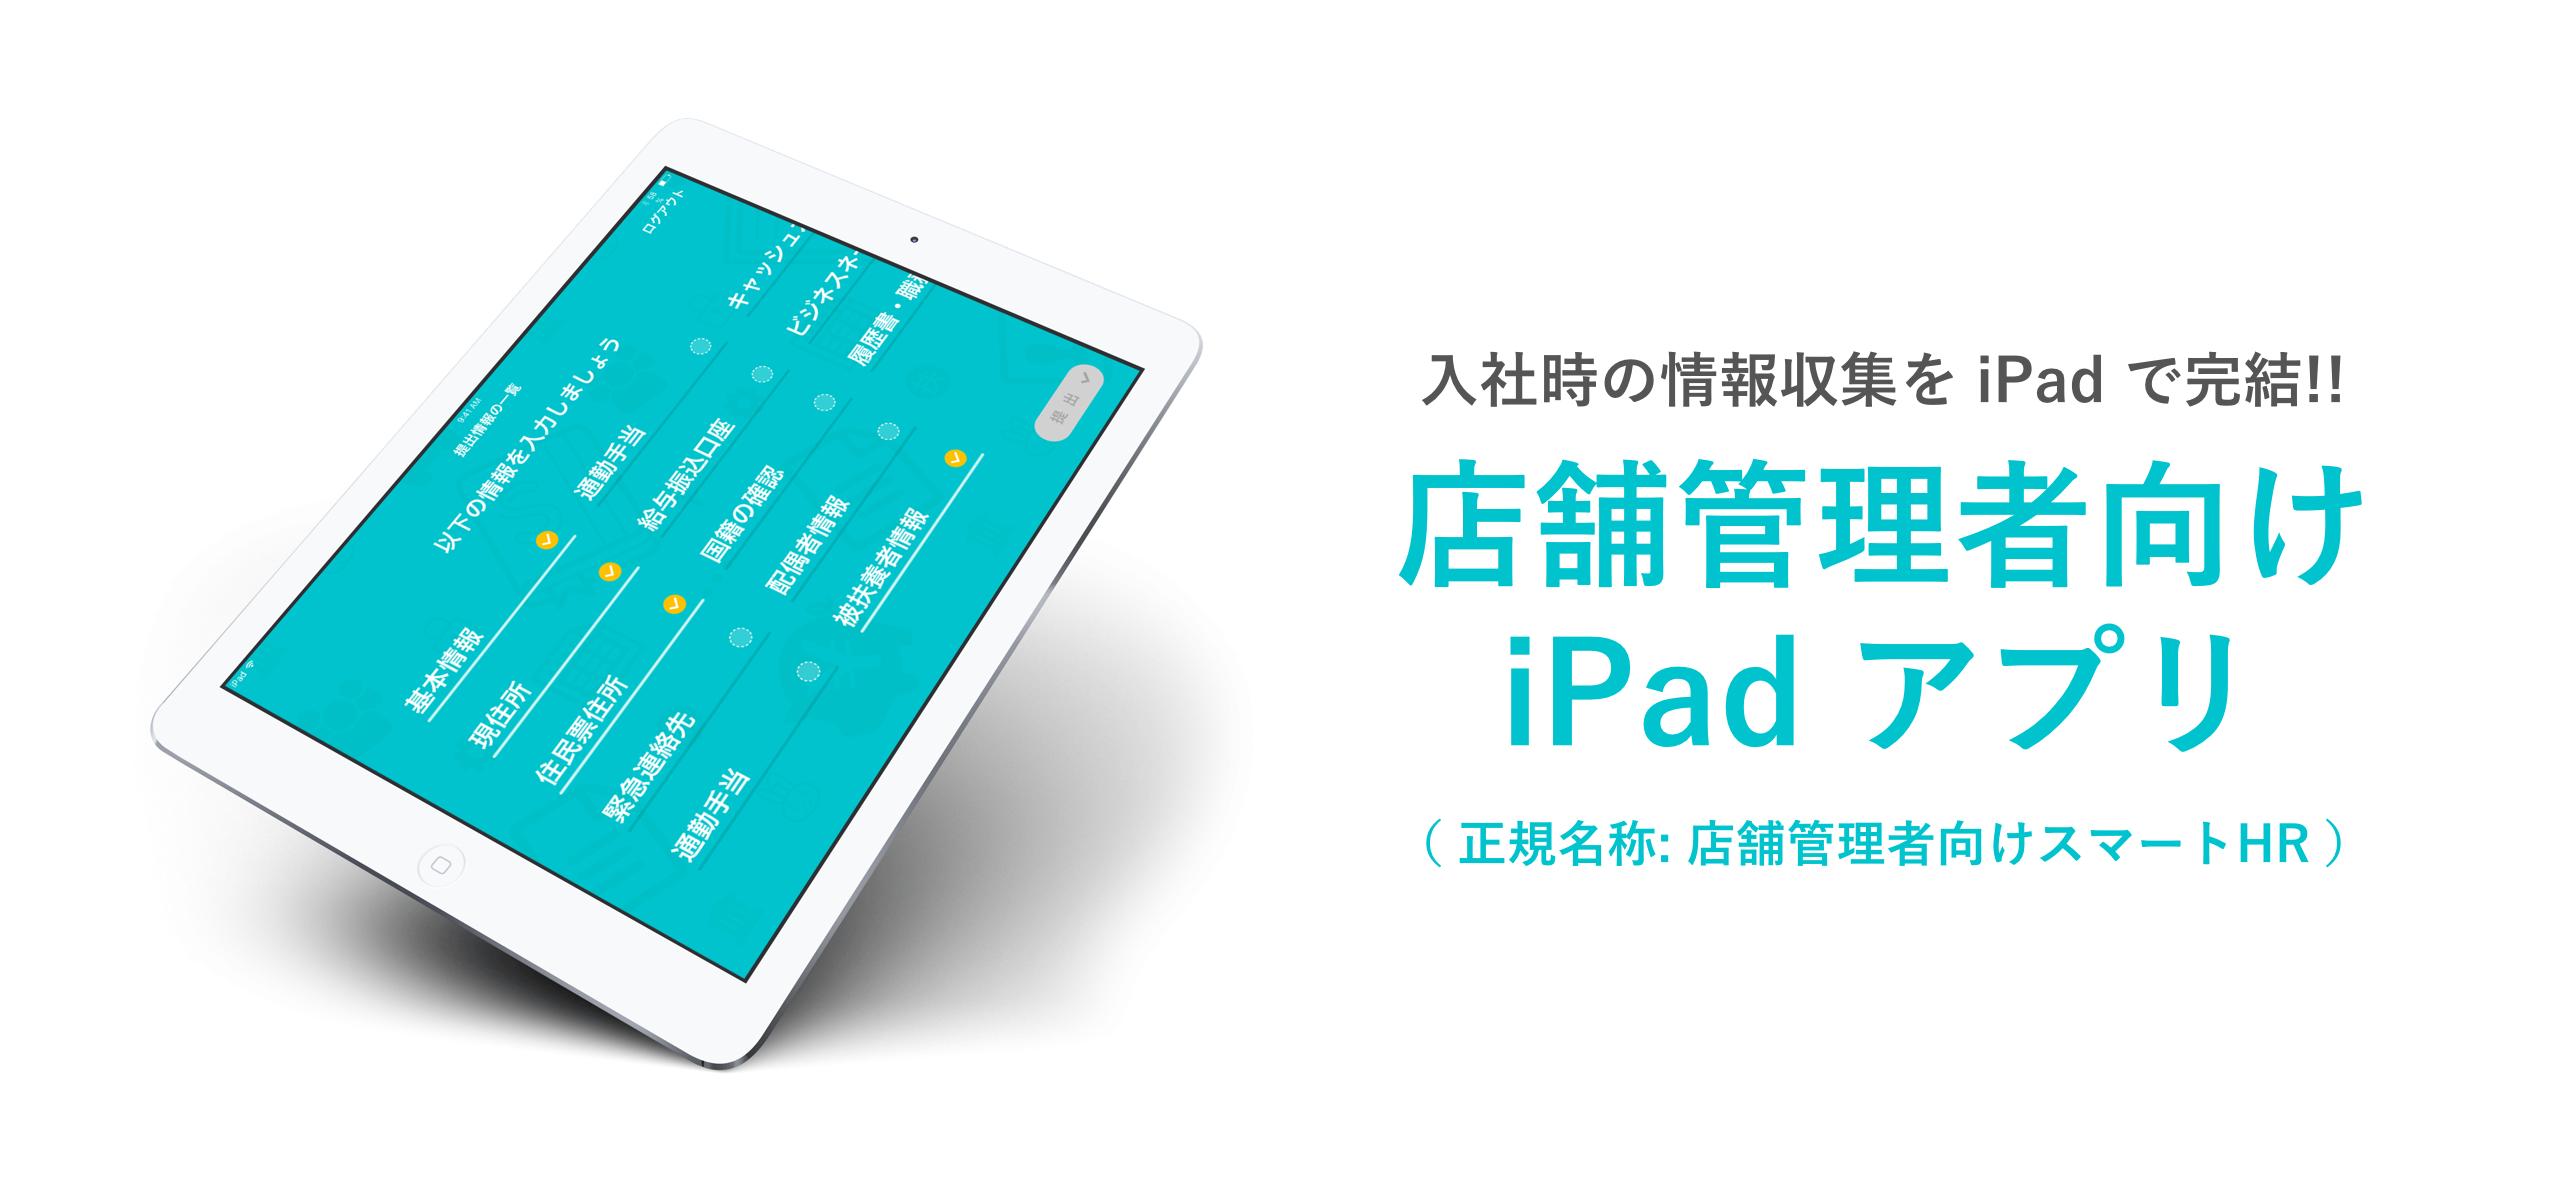 PCもスマホも不要。「SmartHR」、簡単に入力できる従業員情報収集iPadアプリ公開